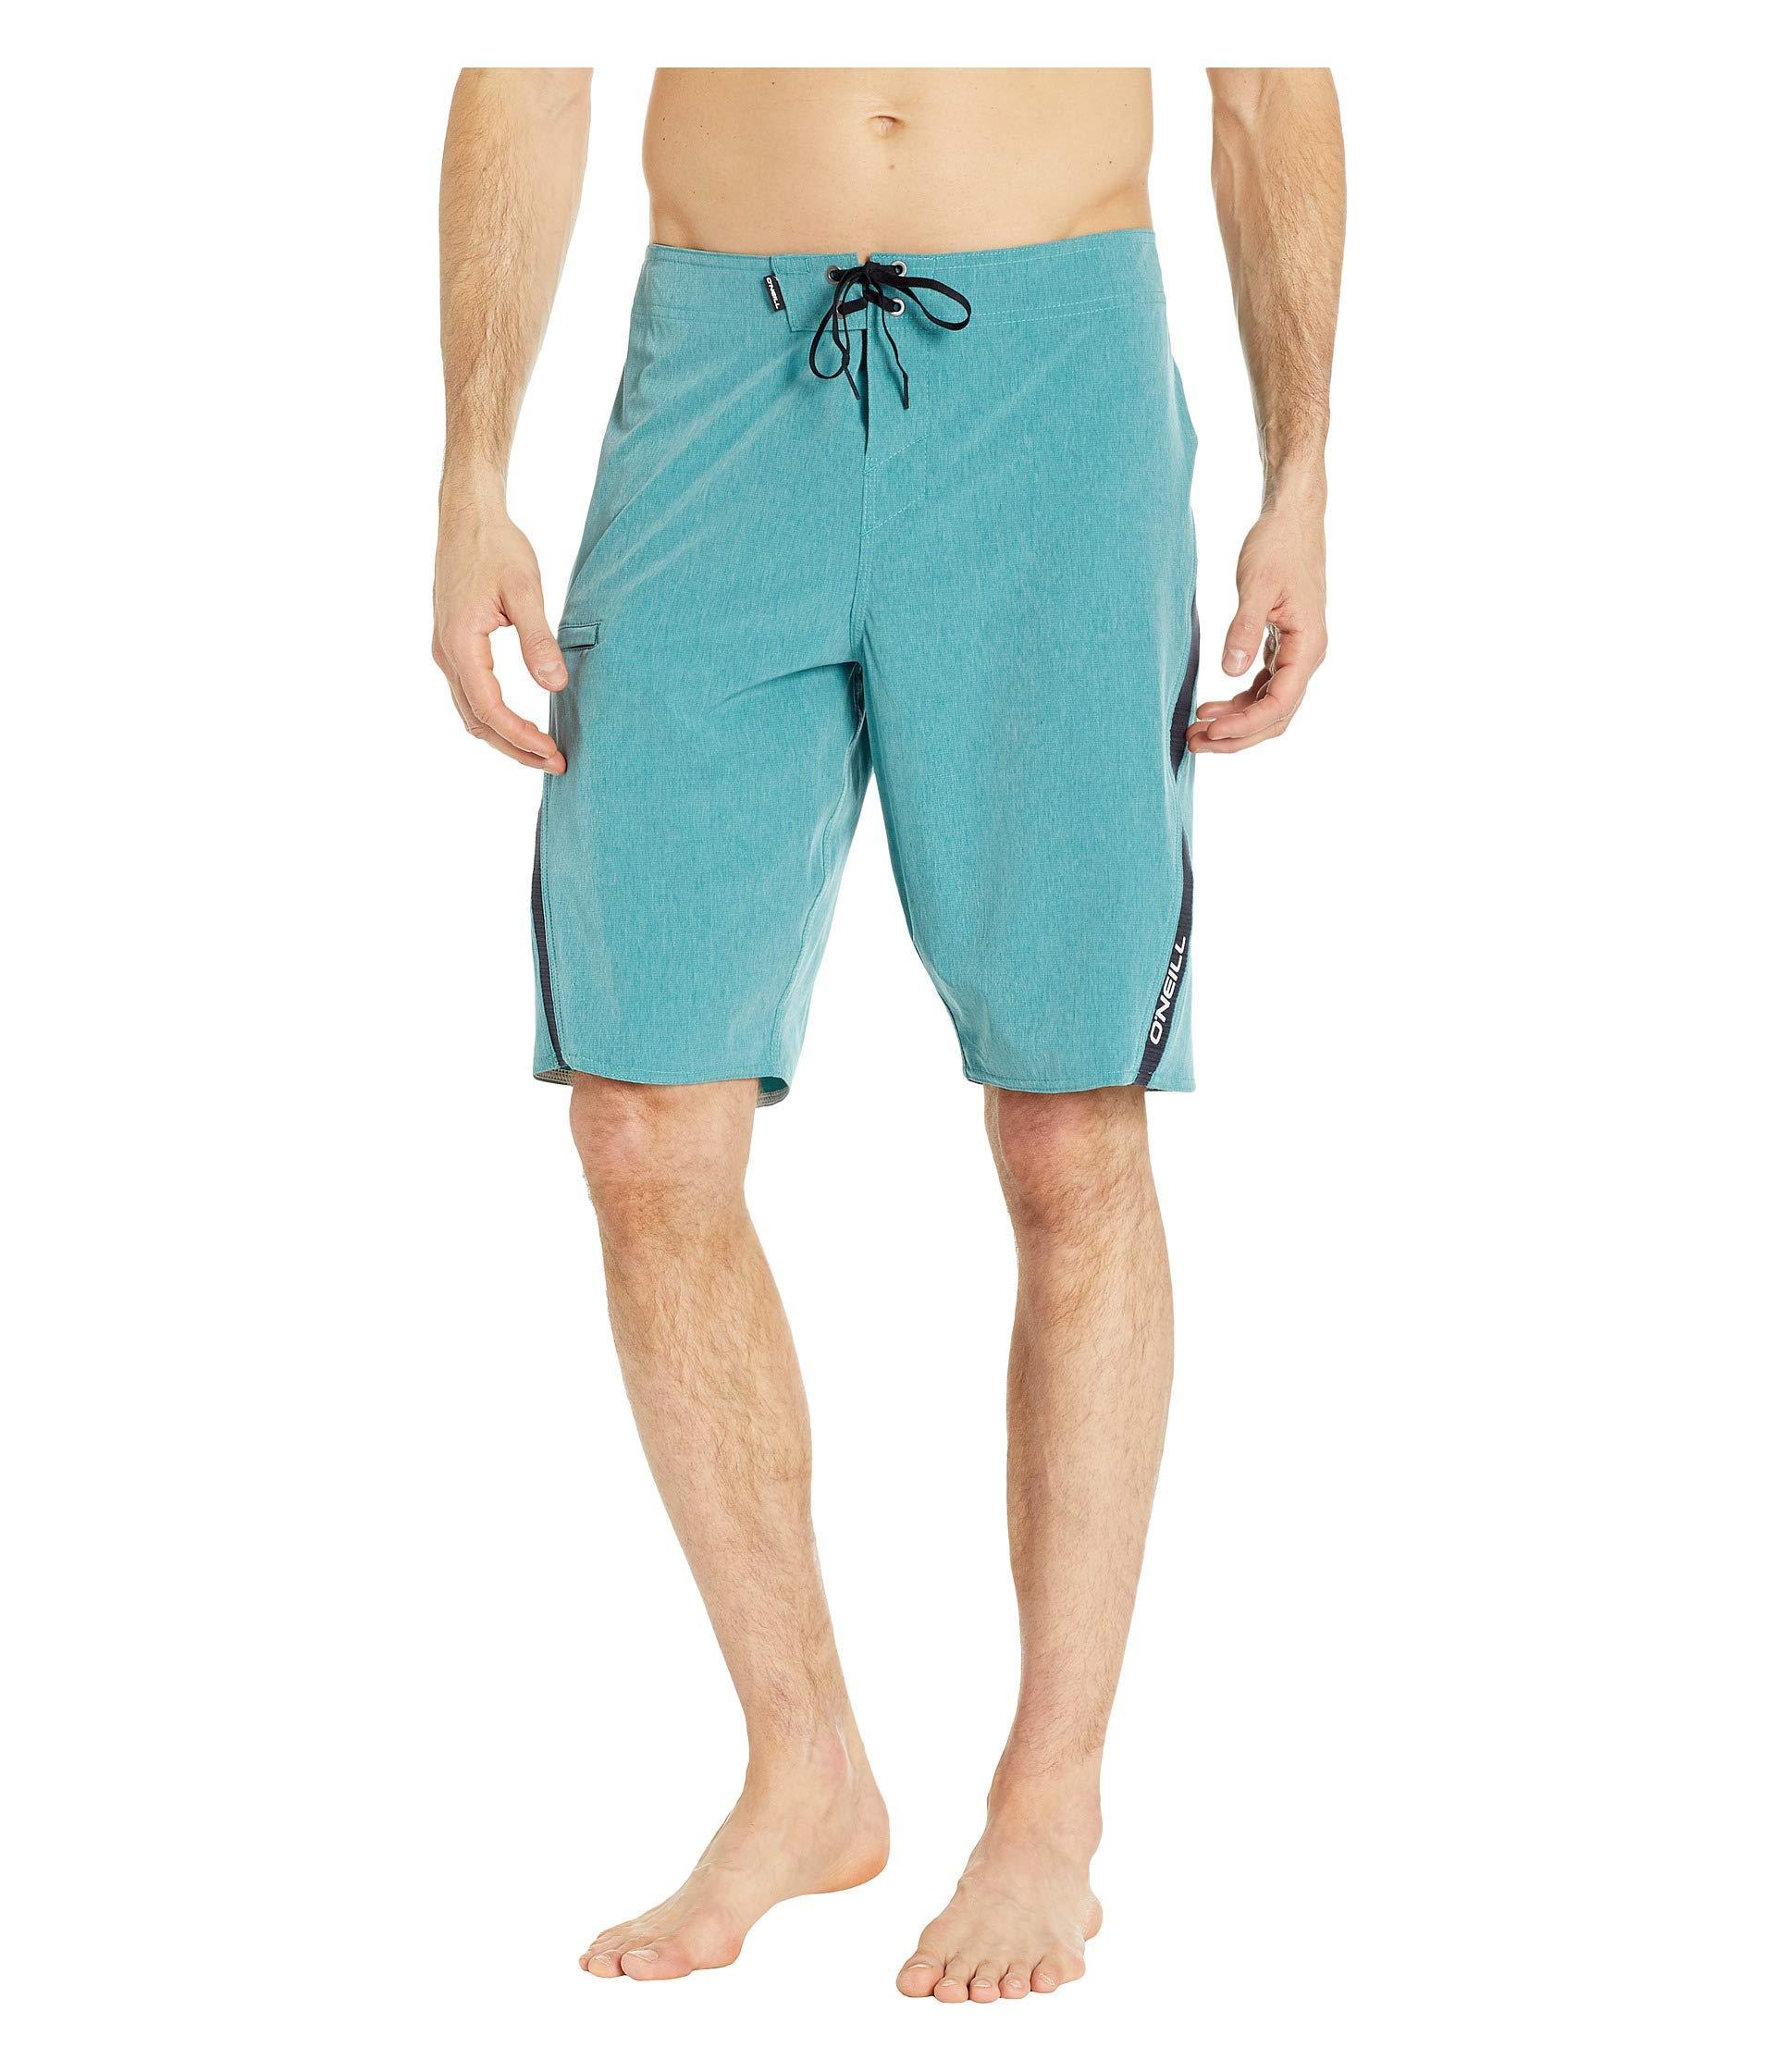 8c8e6d923d O'neill Sportswear. Blue Superfreak Boardshorts (light Grey) Men's Swimwear